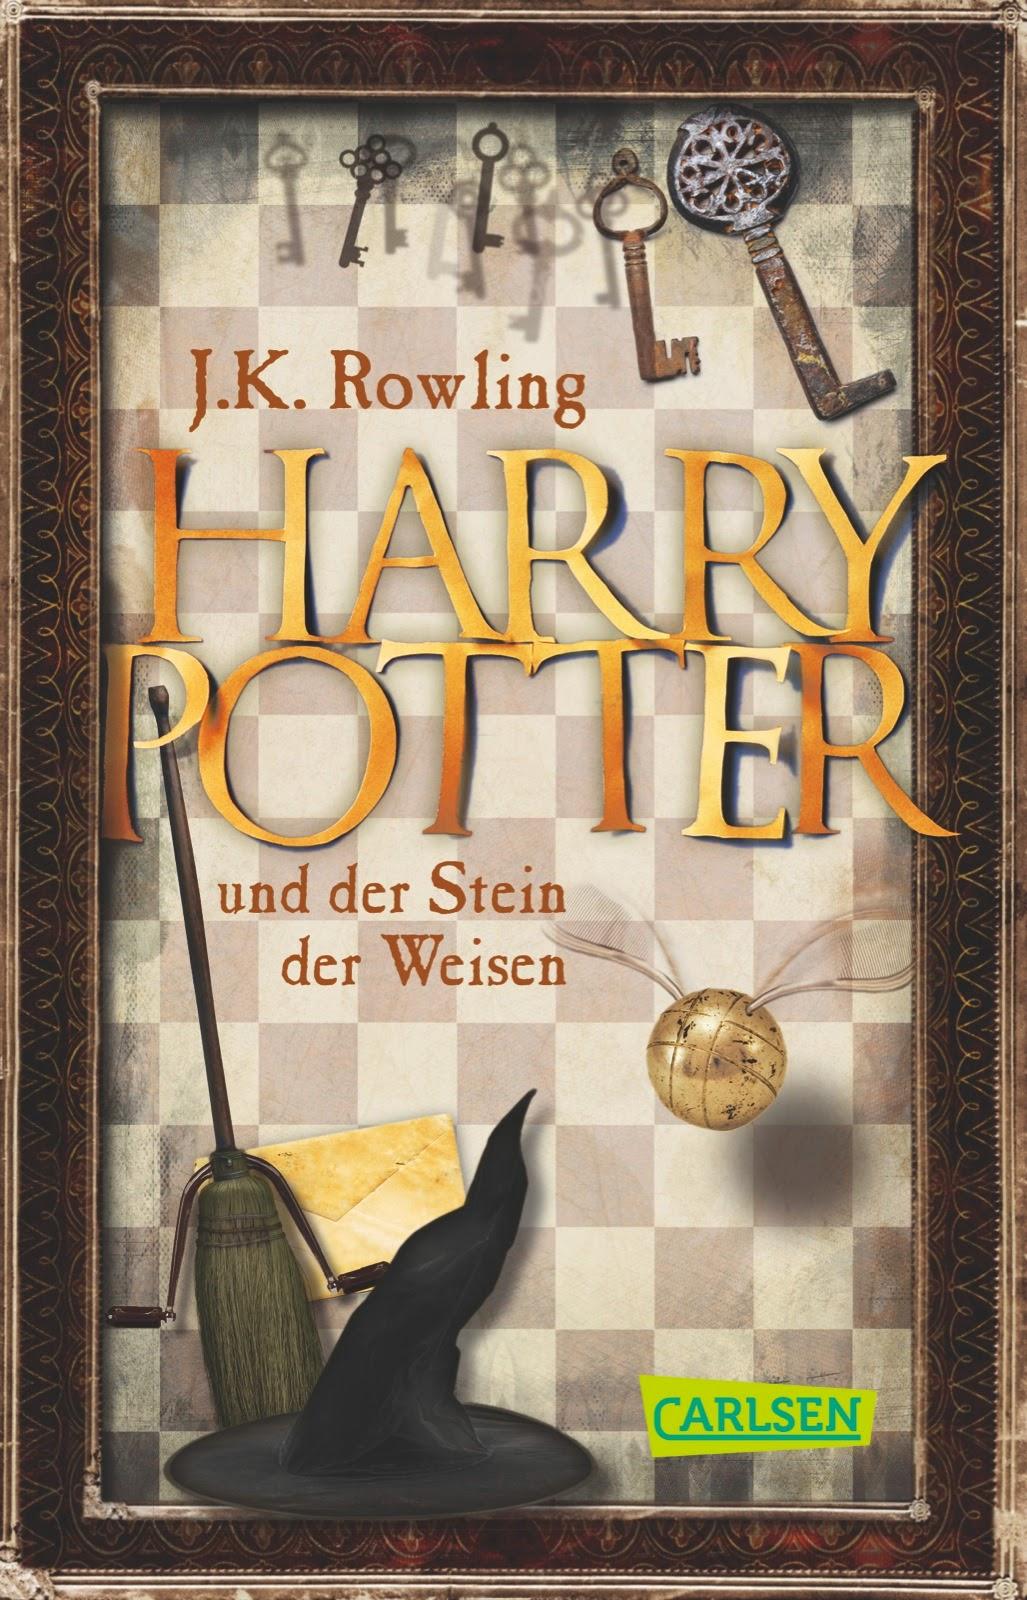 http://www.carlsen.de/taschenbuch/harry-potter-band-1-harry-potter-und-der-stein-der-weisen/21246#Inhalt